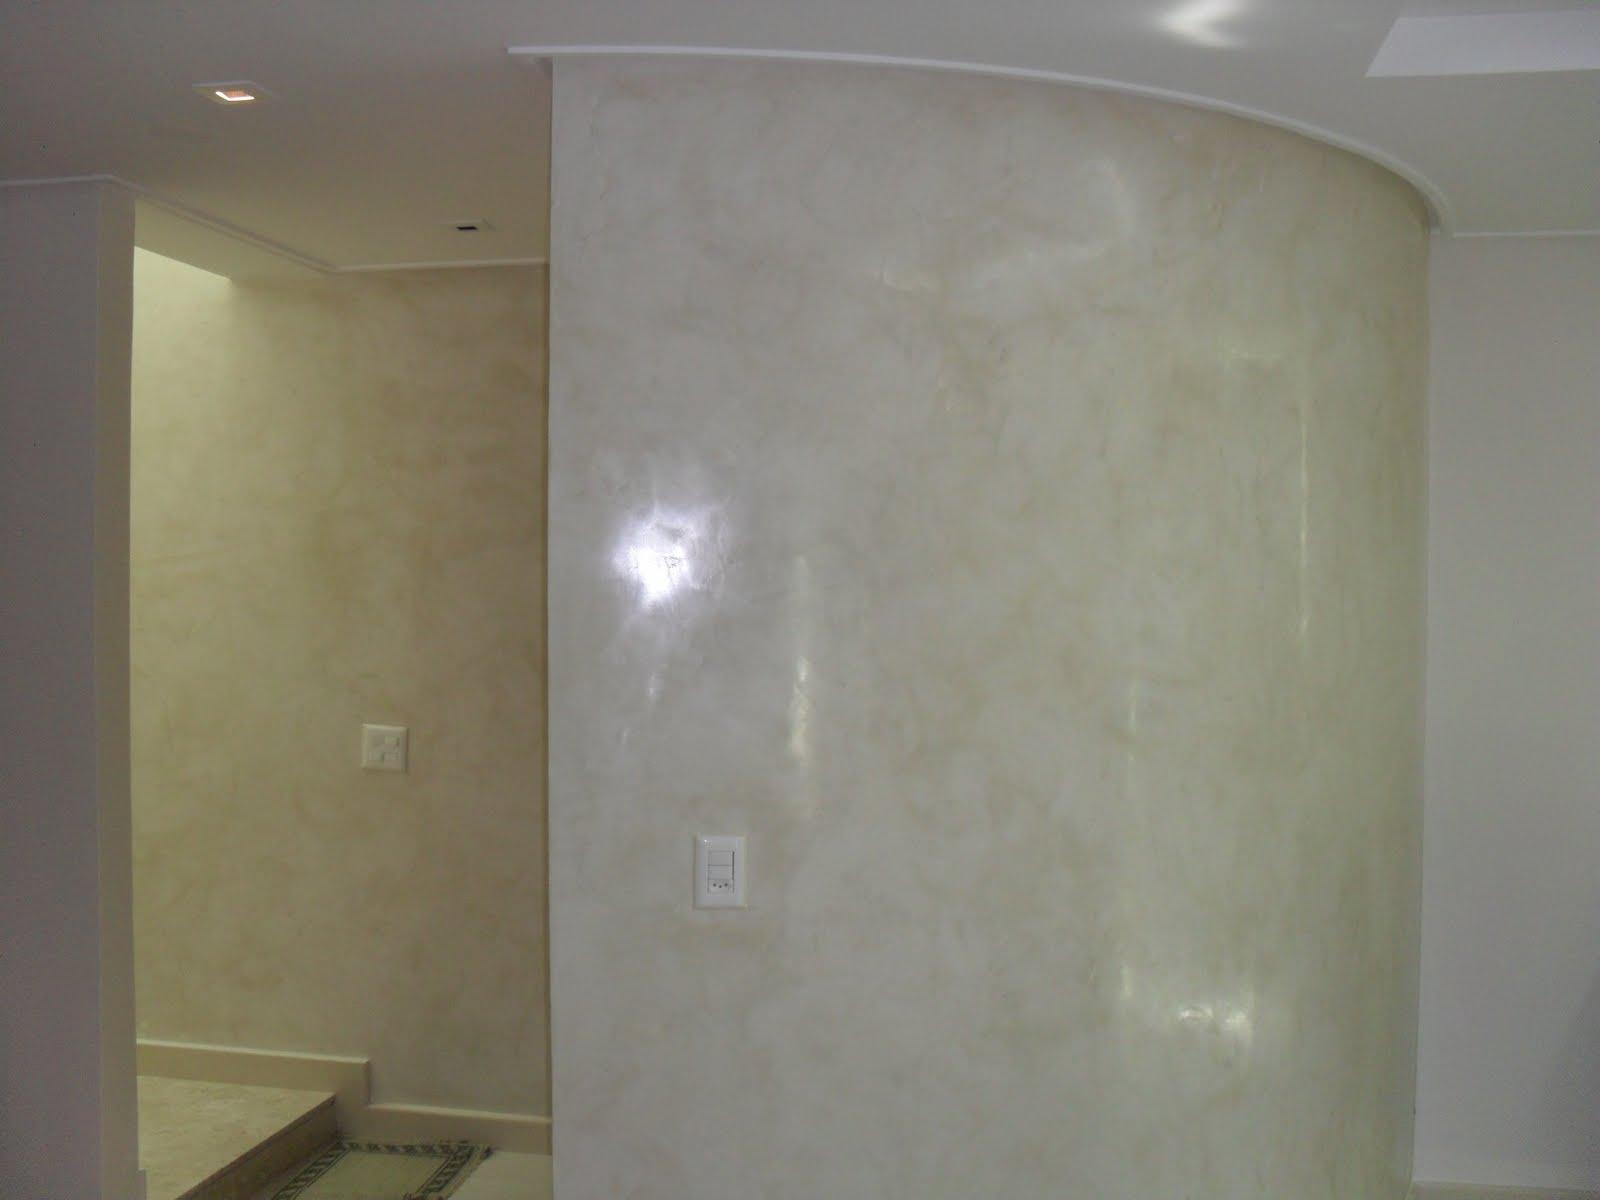 Rodrigo pinturas efeito m rmore for Pintura decorativa efeito marmore